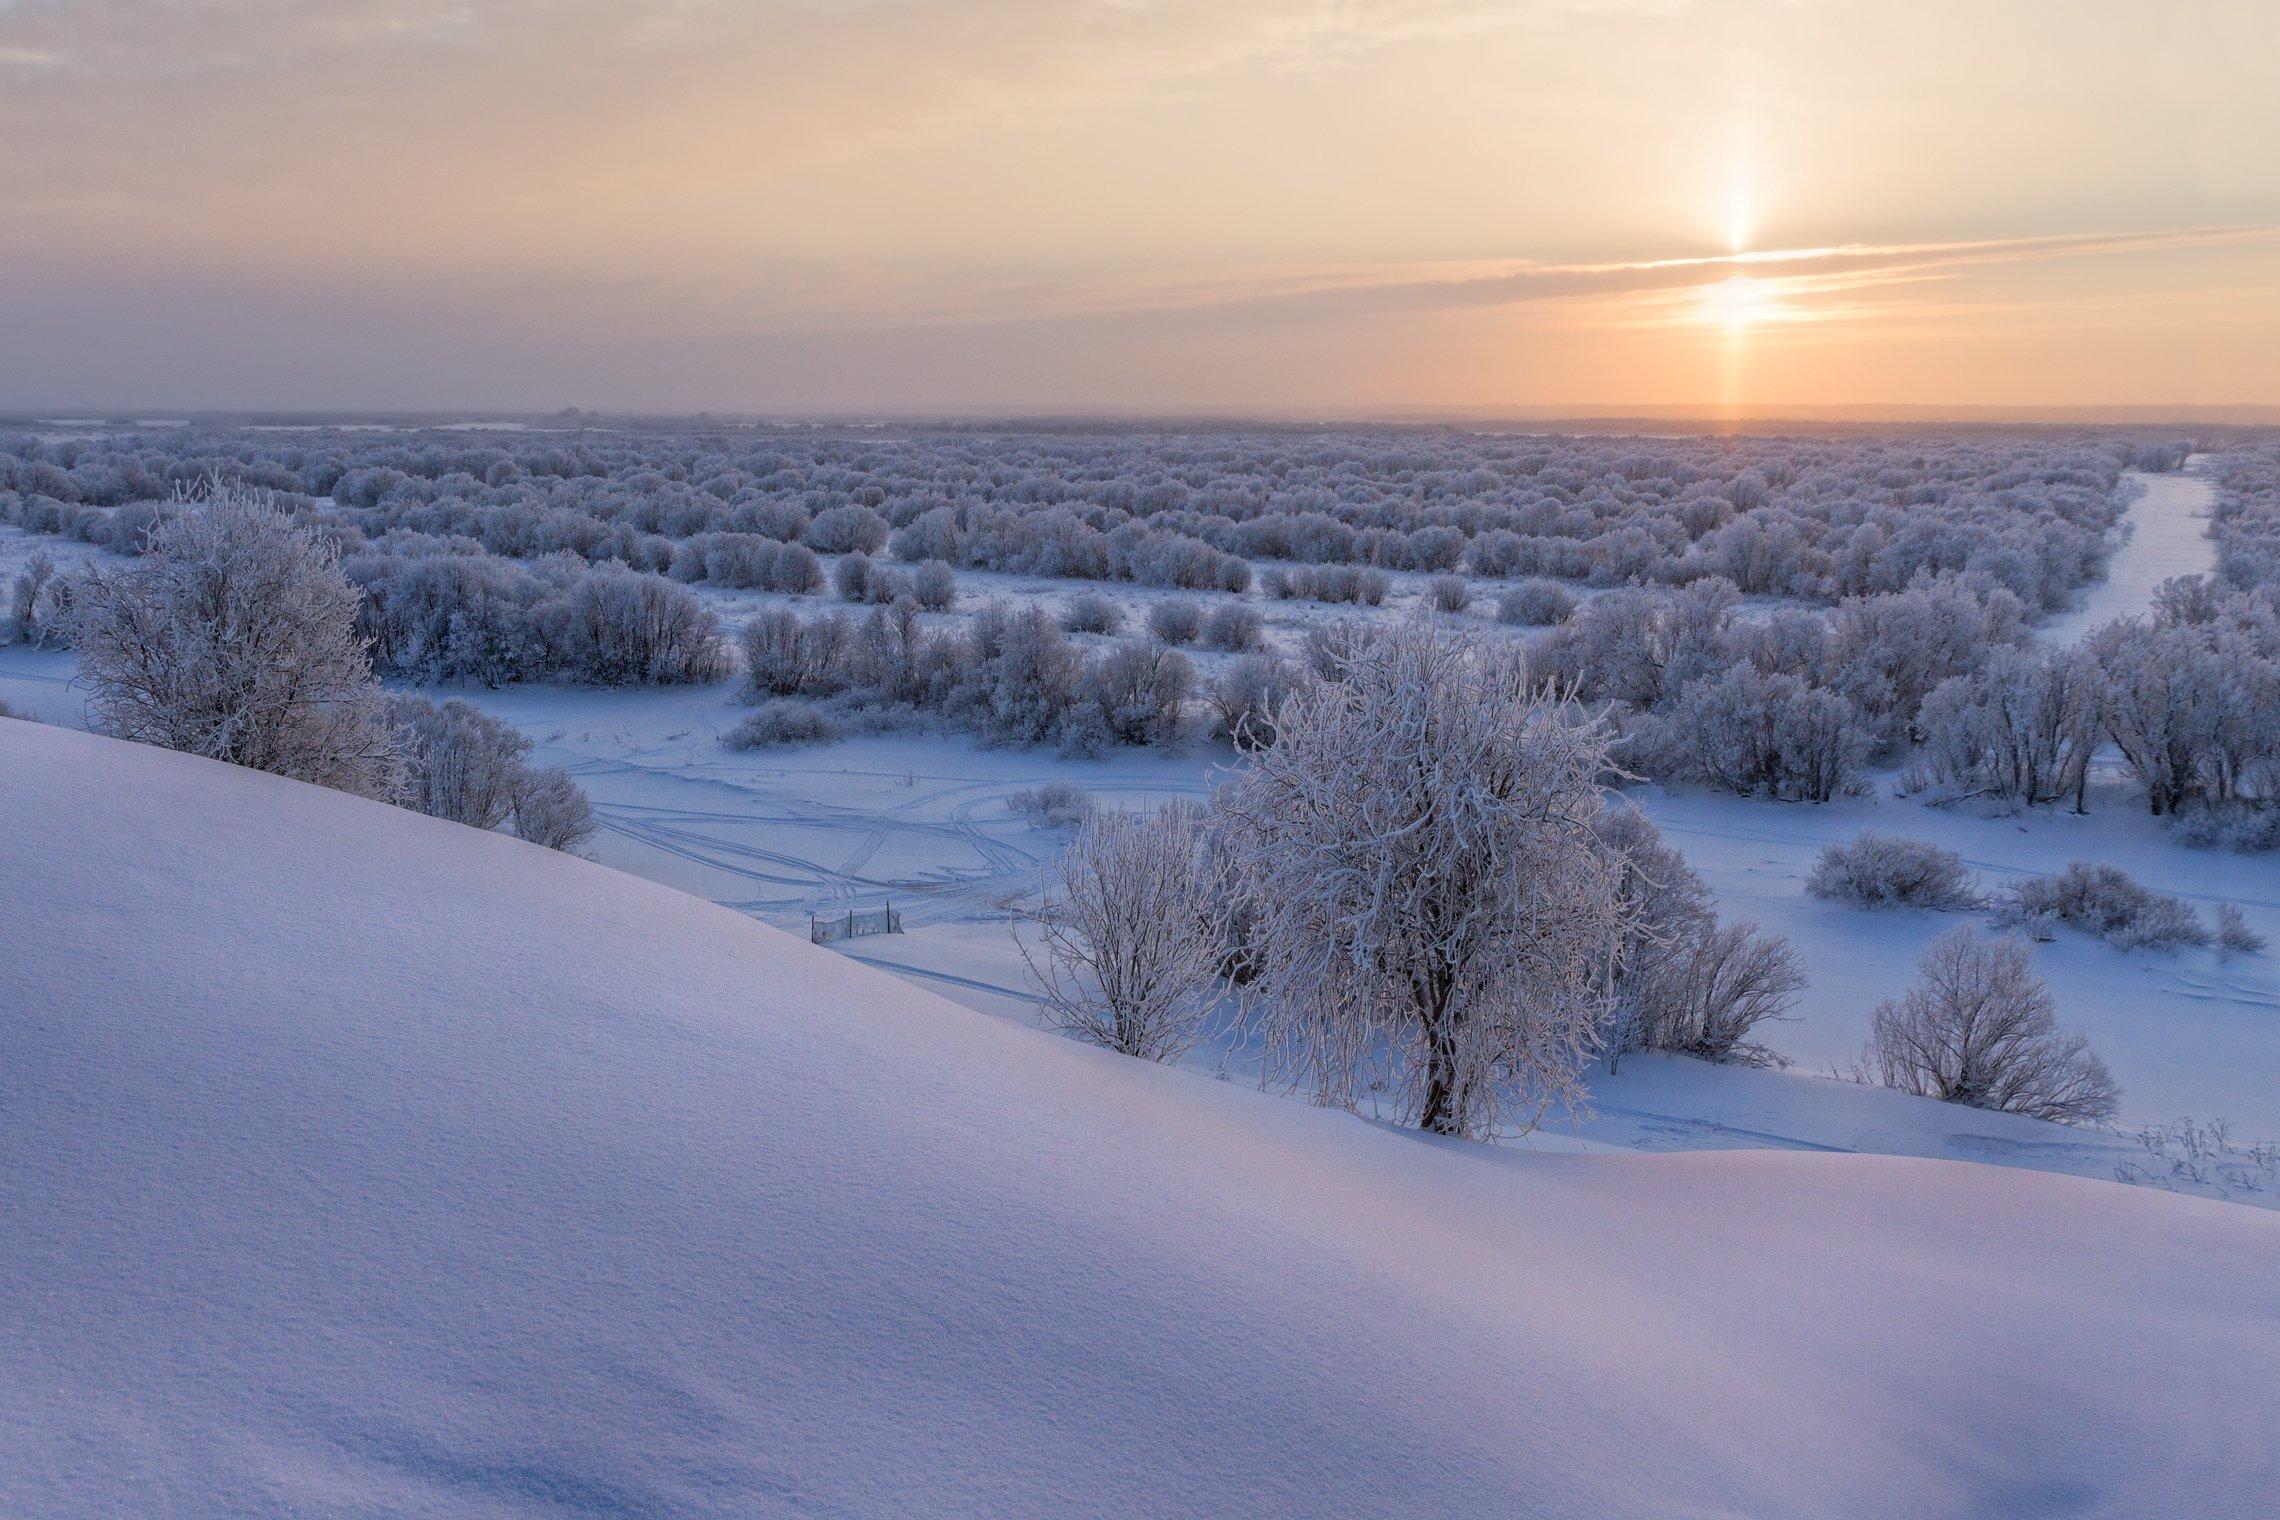 зима закат сугробы деревья иней солнце следы снег, Вера Ра